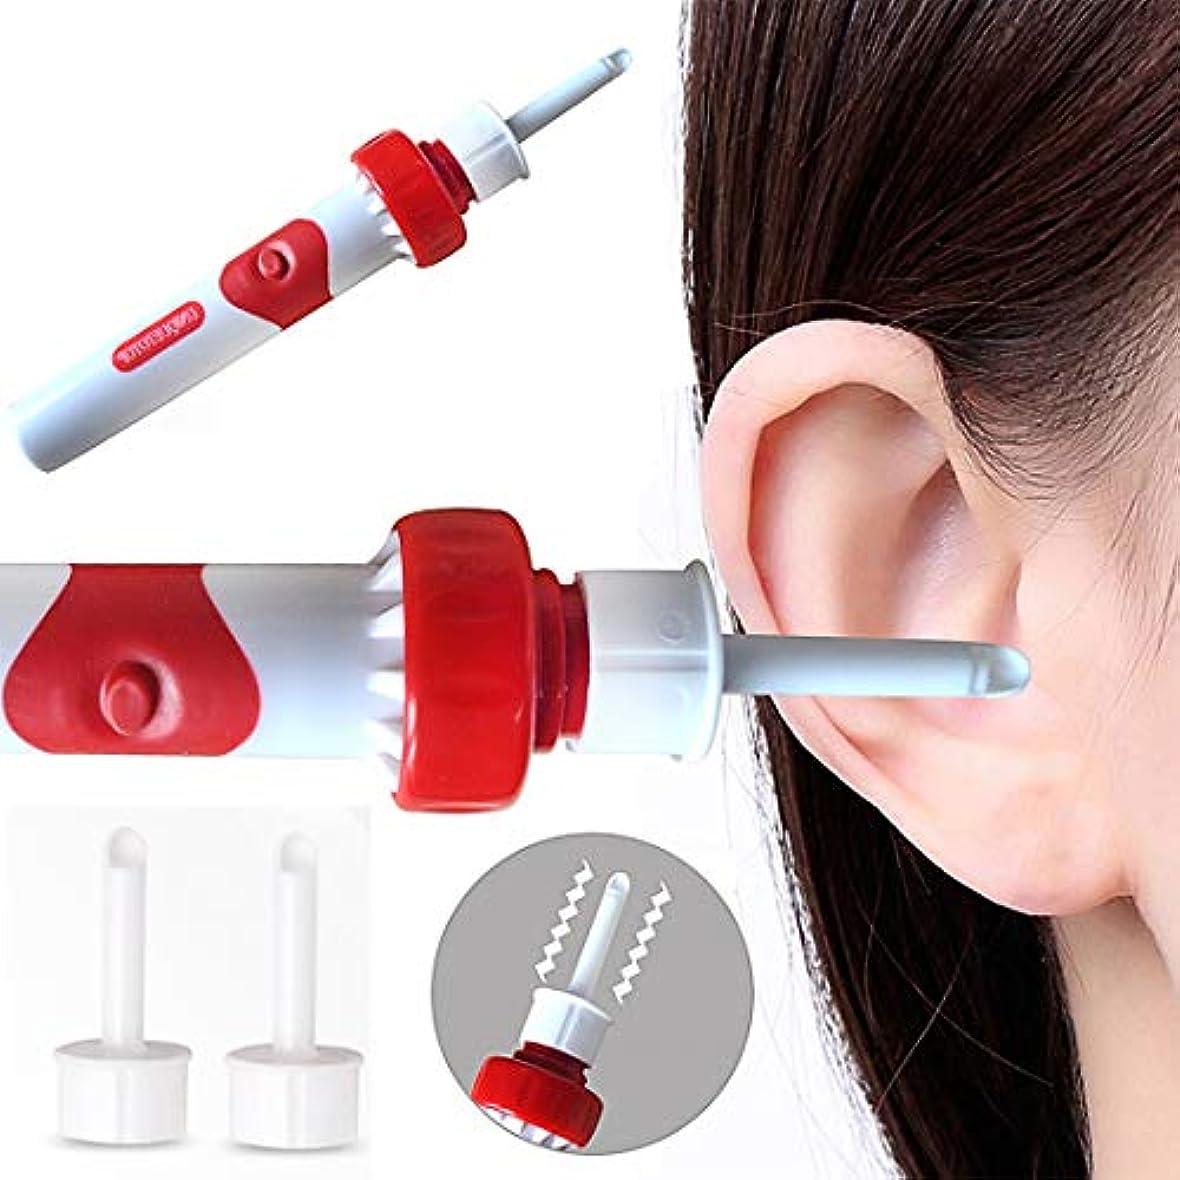 メタルライン動かすイヤホン耳かき 耳すっきりクリーナー 耳のお掃除 耳のケア 耳かき ポケットイヤークリーナー